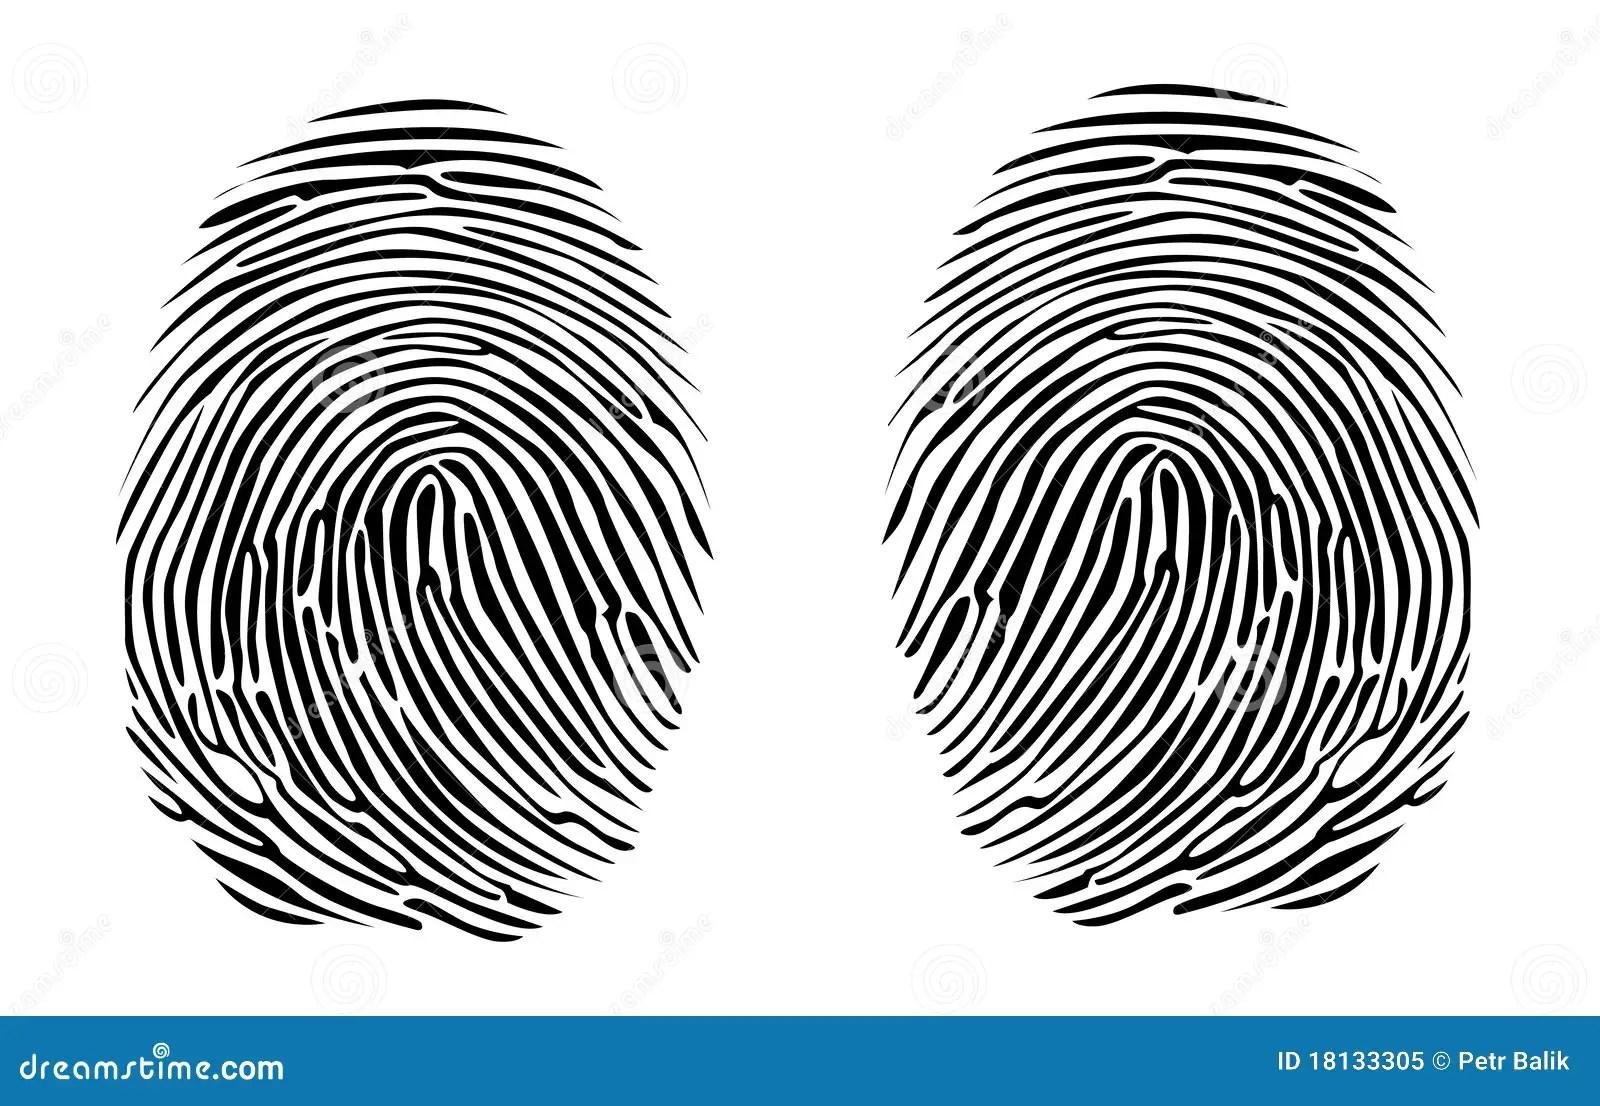 Two Fingerprints Stock Illustration Illustration Of